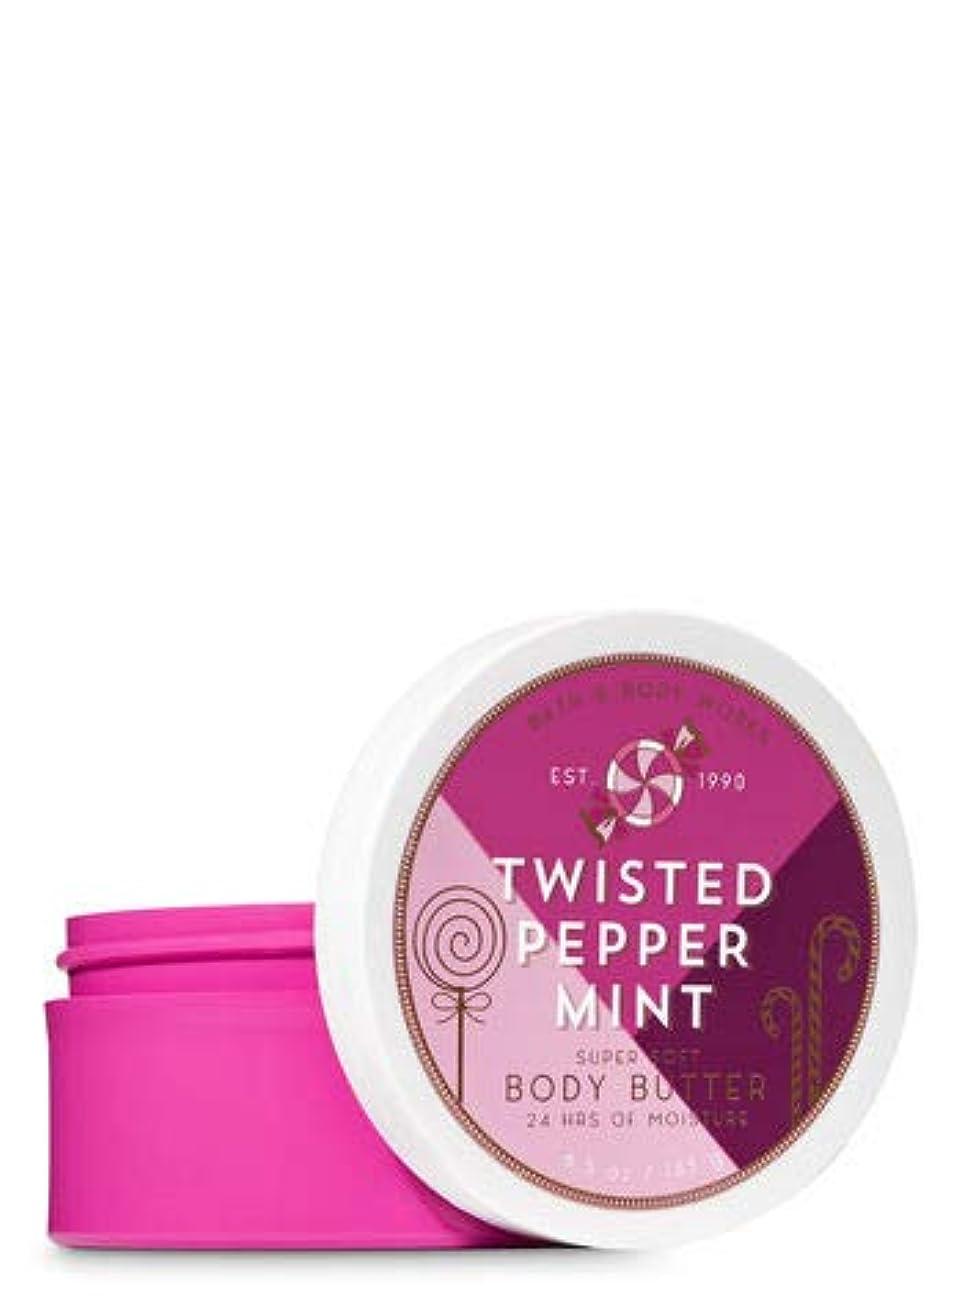 冷凍庫仕方スイング【Bath&Body Works/バス&ボディワークス】 ボディバター ツイステッドペパーミント Body Butter Twisted Peppermint 6.5 oz / 185 g [並行輸入品]